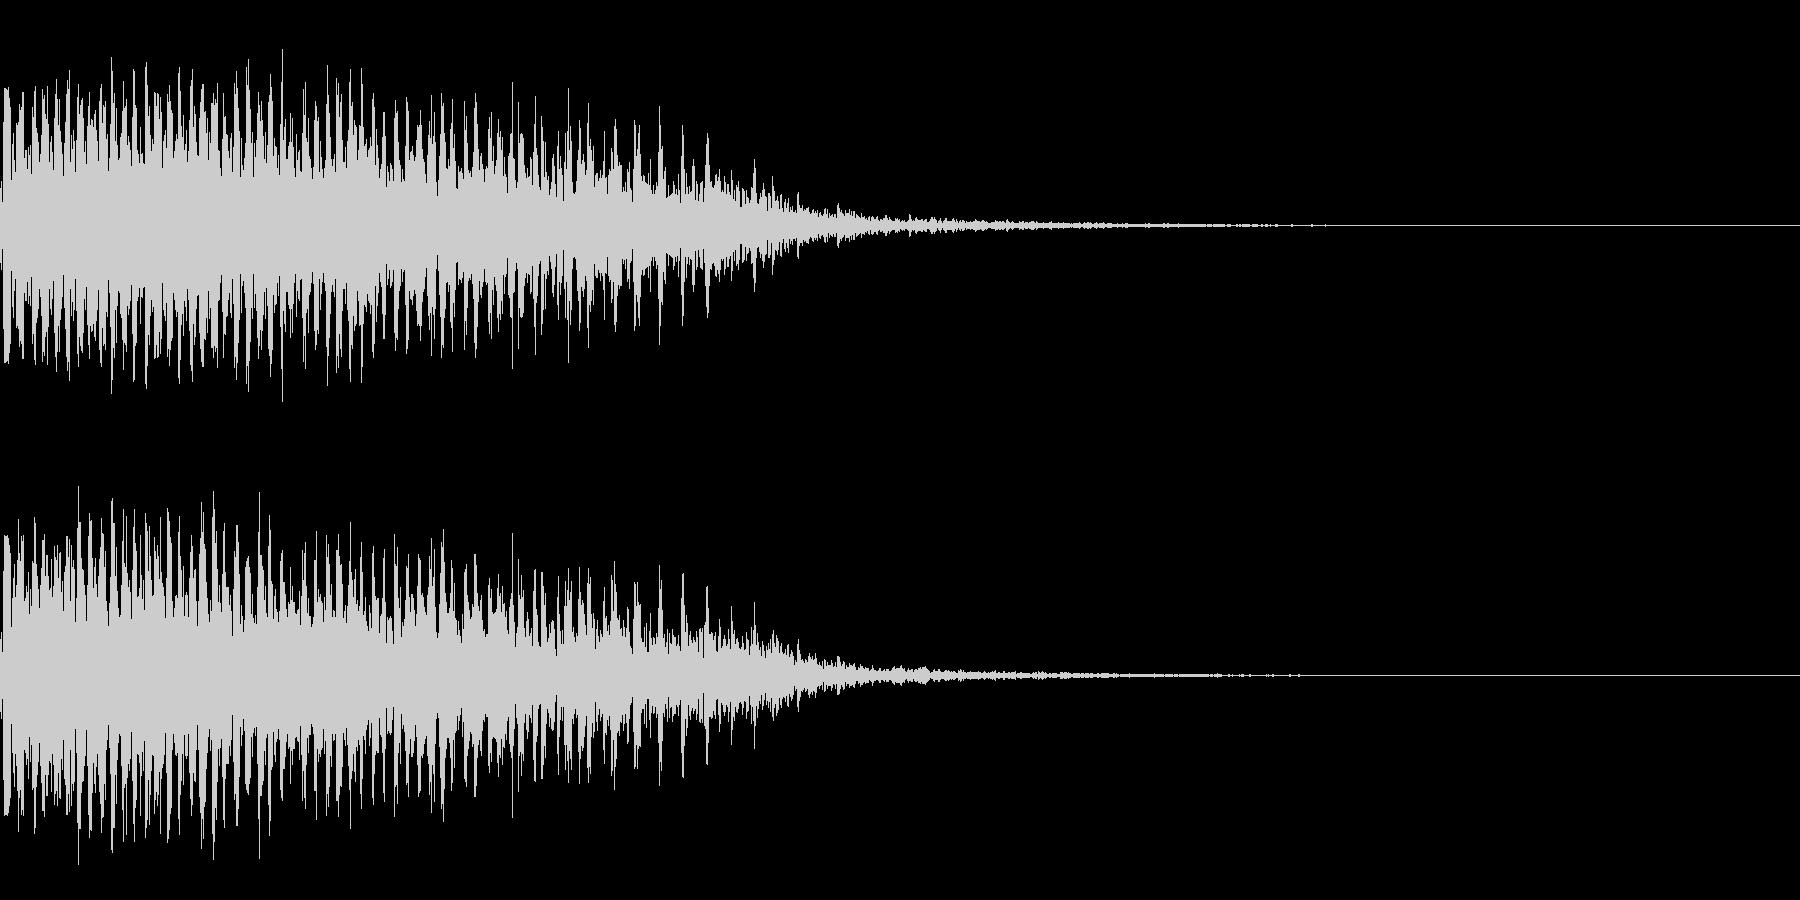 「カーッ!」和風インパクトビブラスラップの未再生の波形